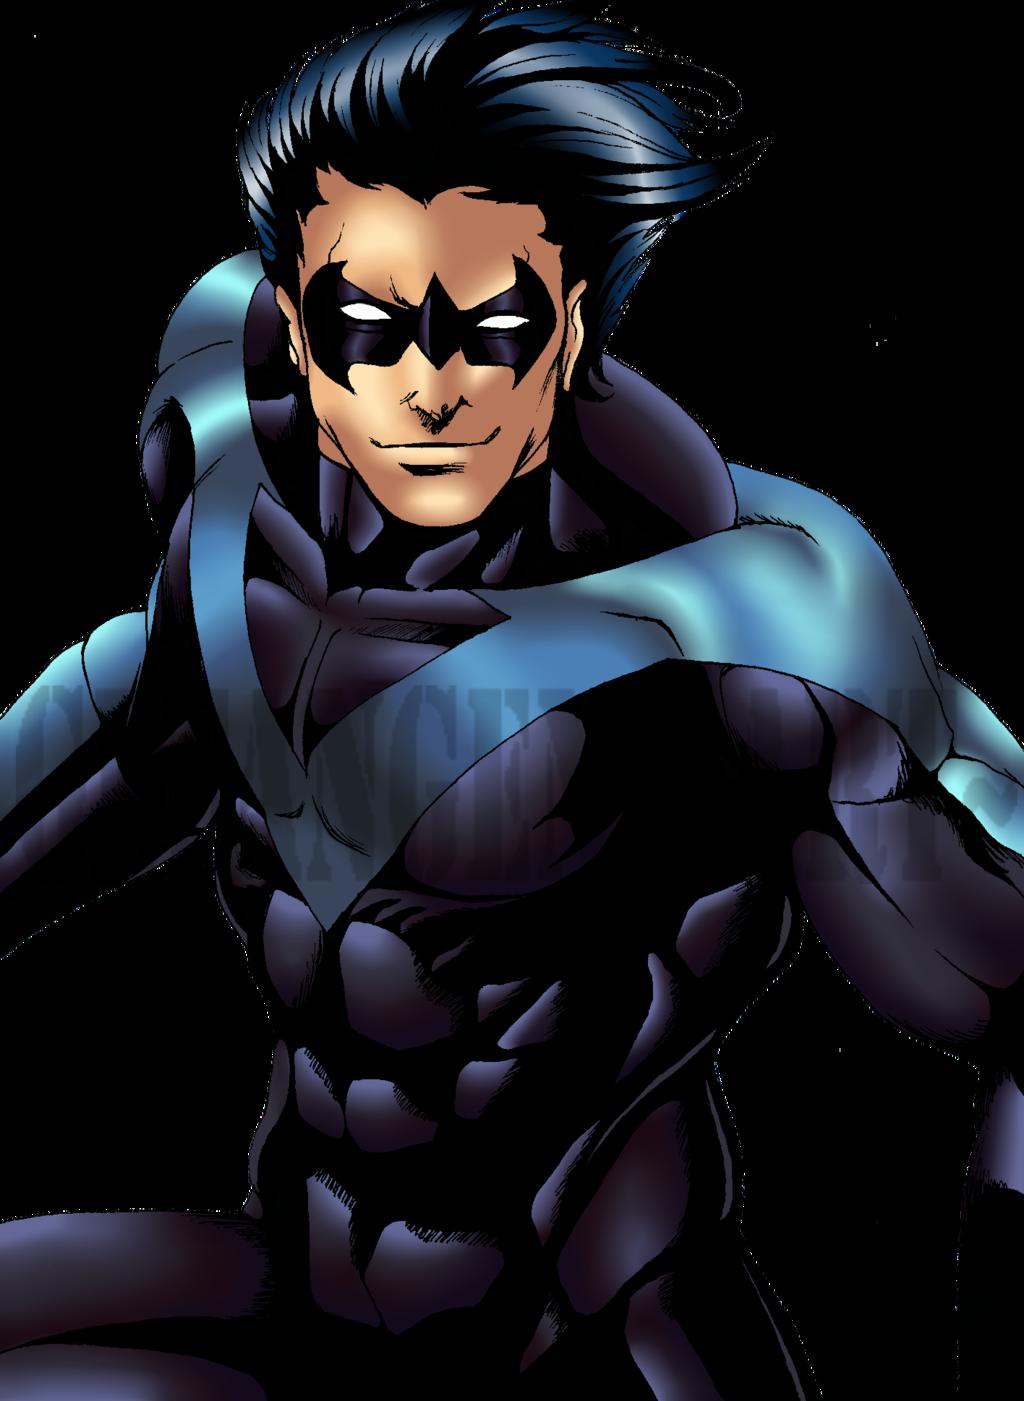 Nightwing PNG - 22695